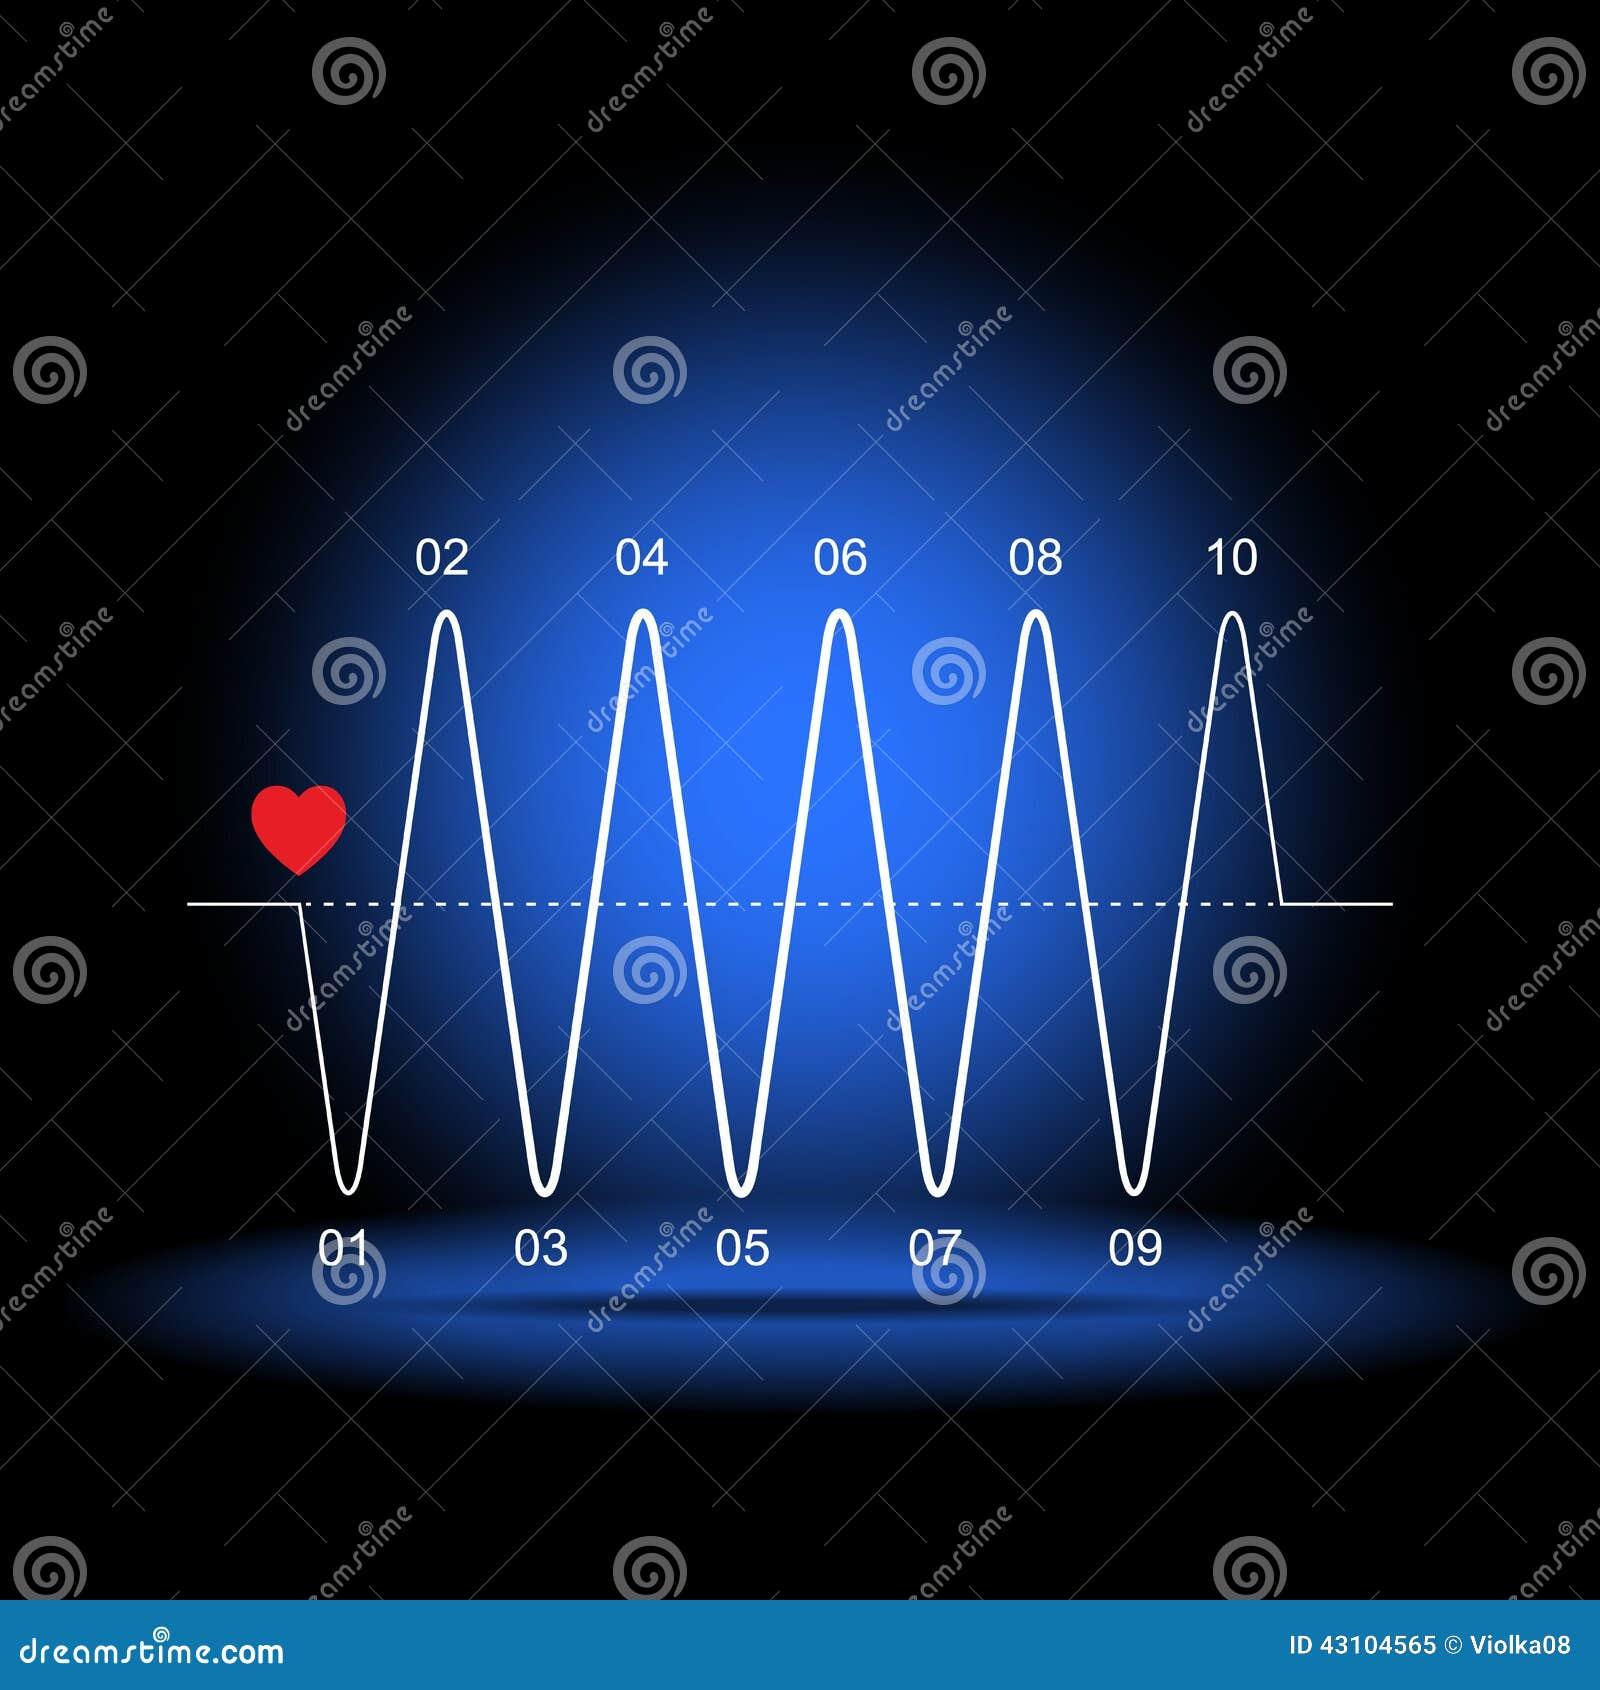 Herz-Diagramm stock abbildung. Illustration von gesund - 43104565